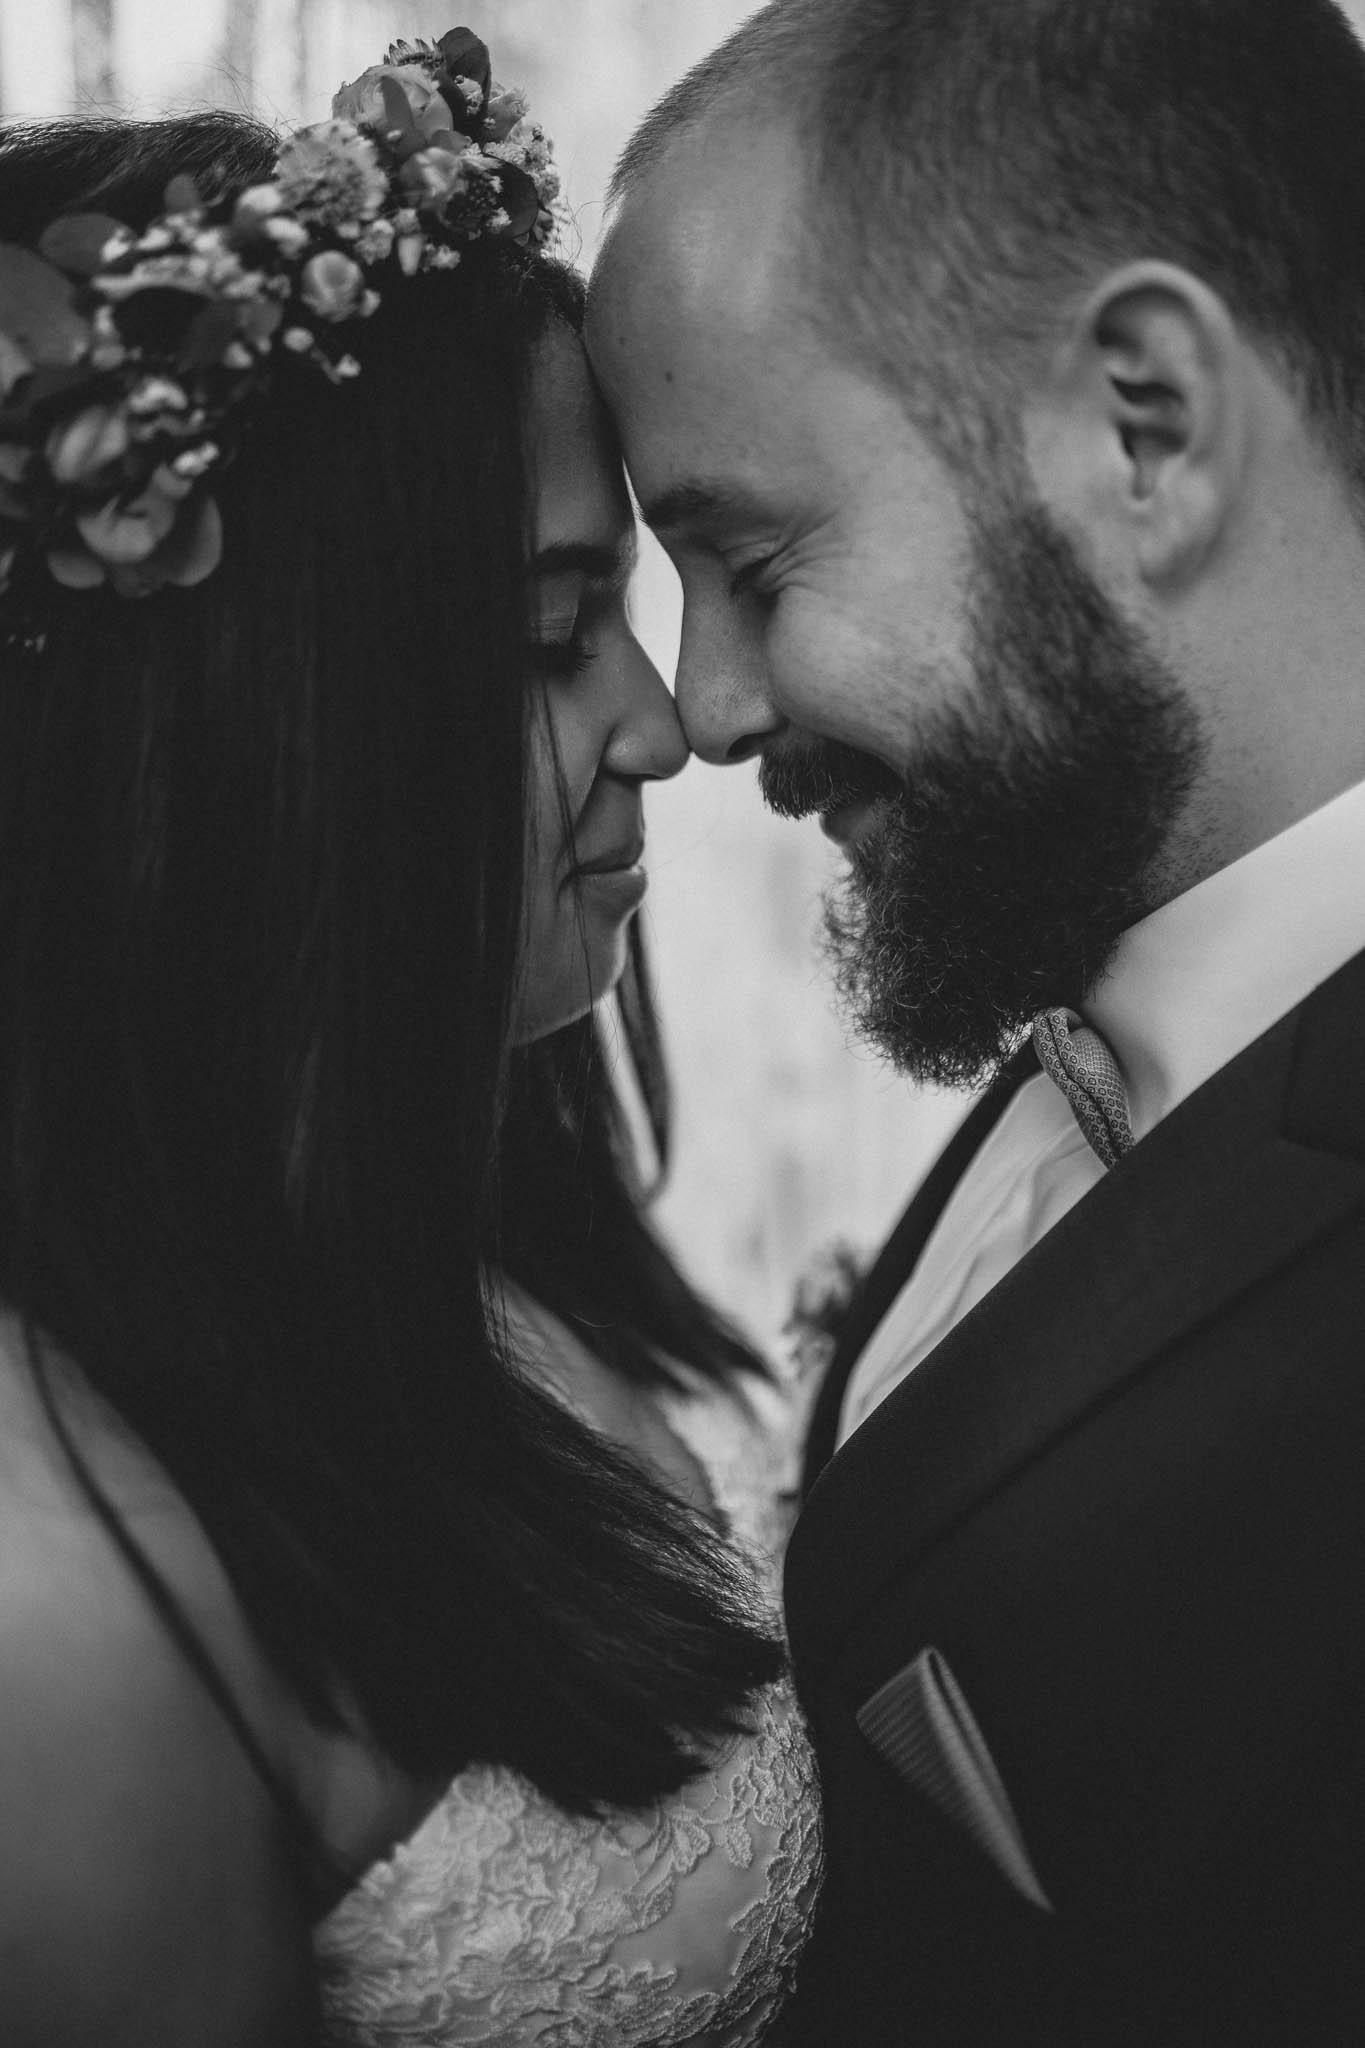 Als Hochzeitsfotograf in Deidesheim: Freie Trauung von Raquel & Philipp 79